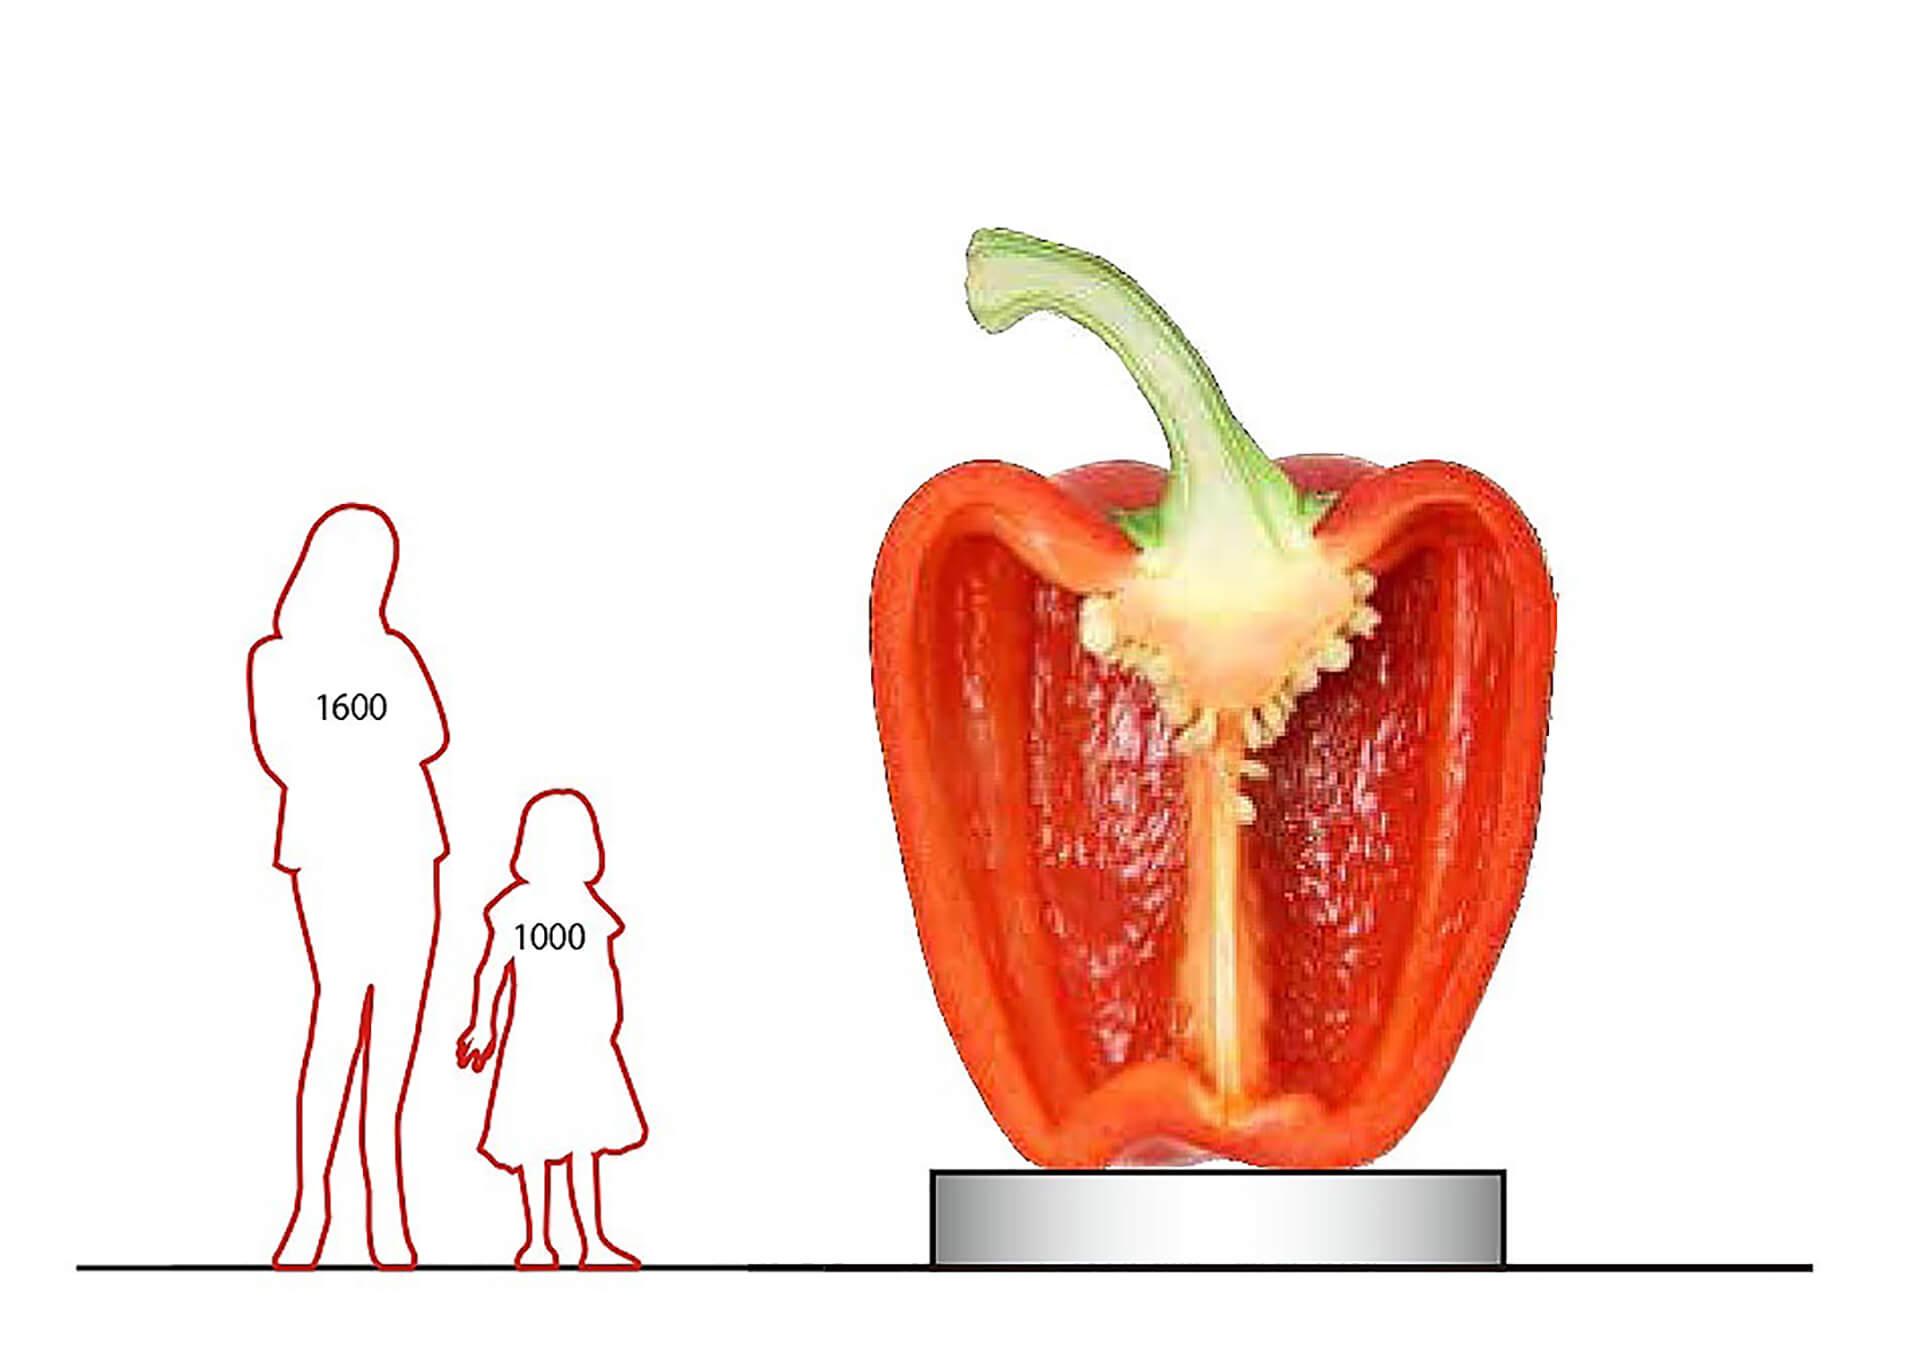 「野菜とデザイン」展に展示予定の2m越えのパプリカオブジェ